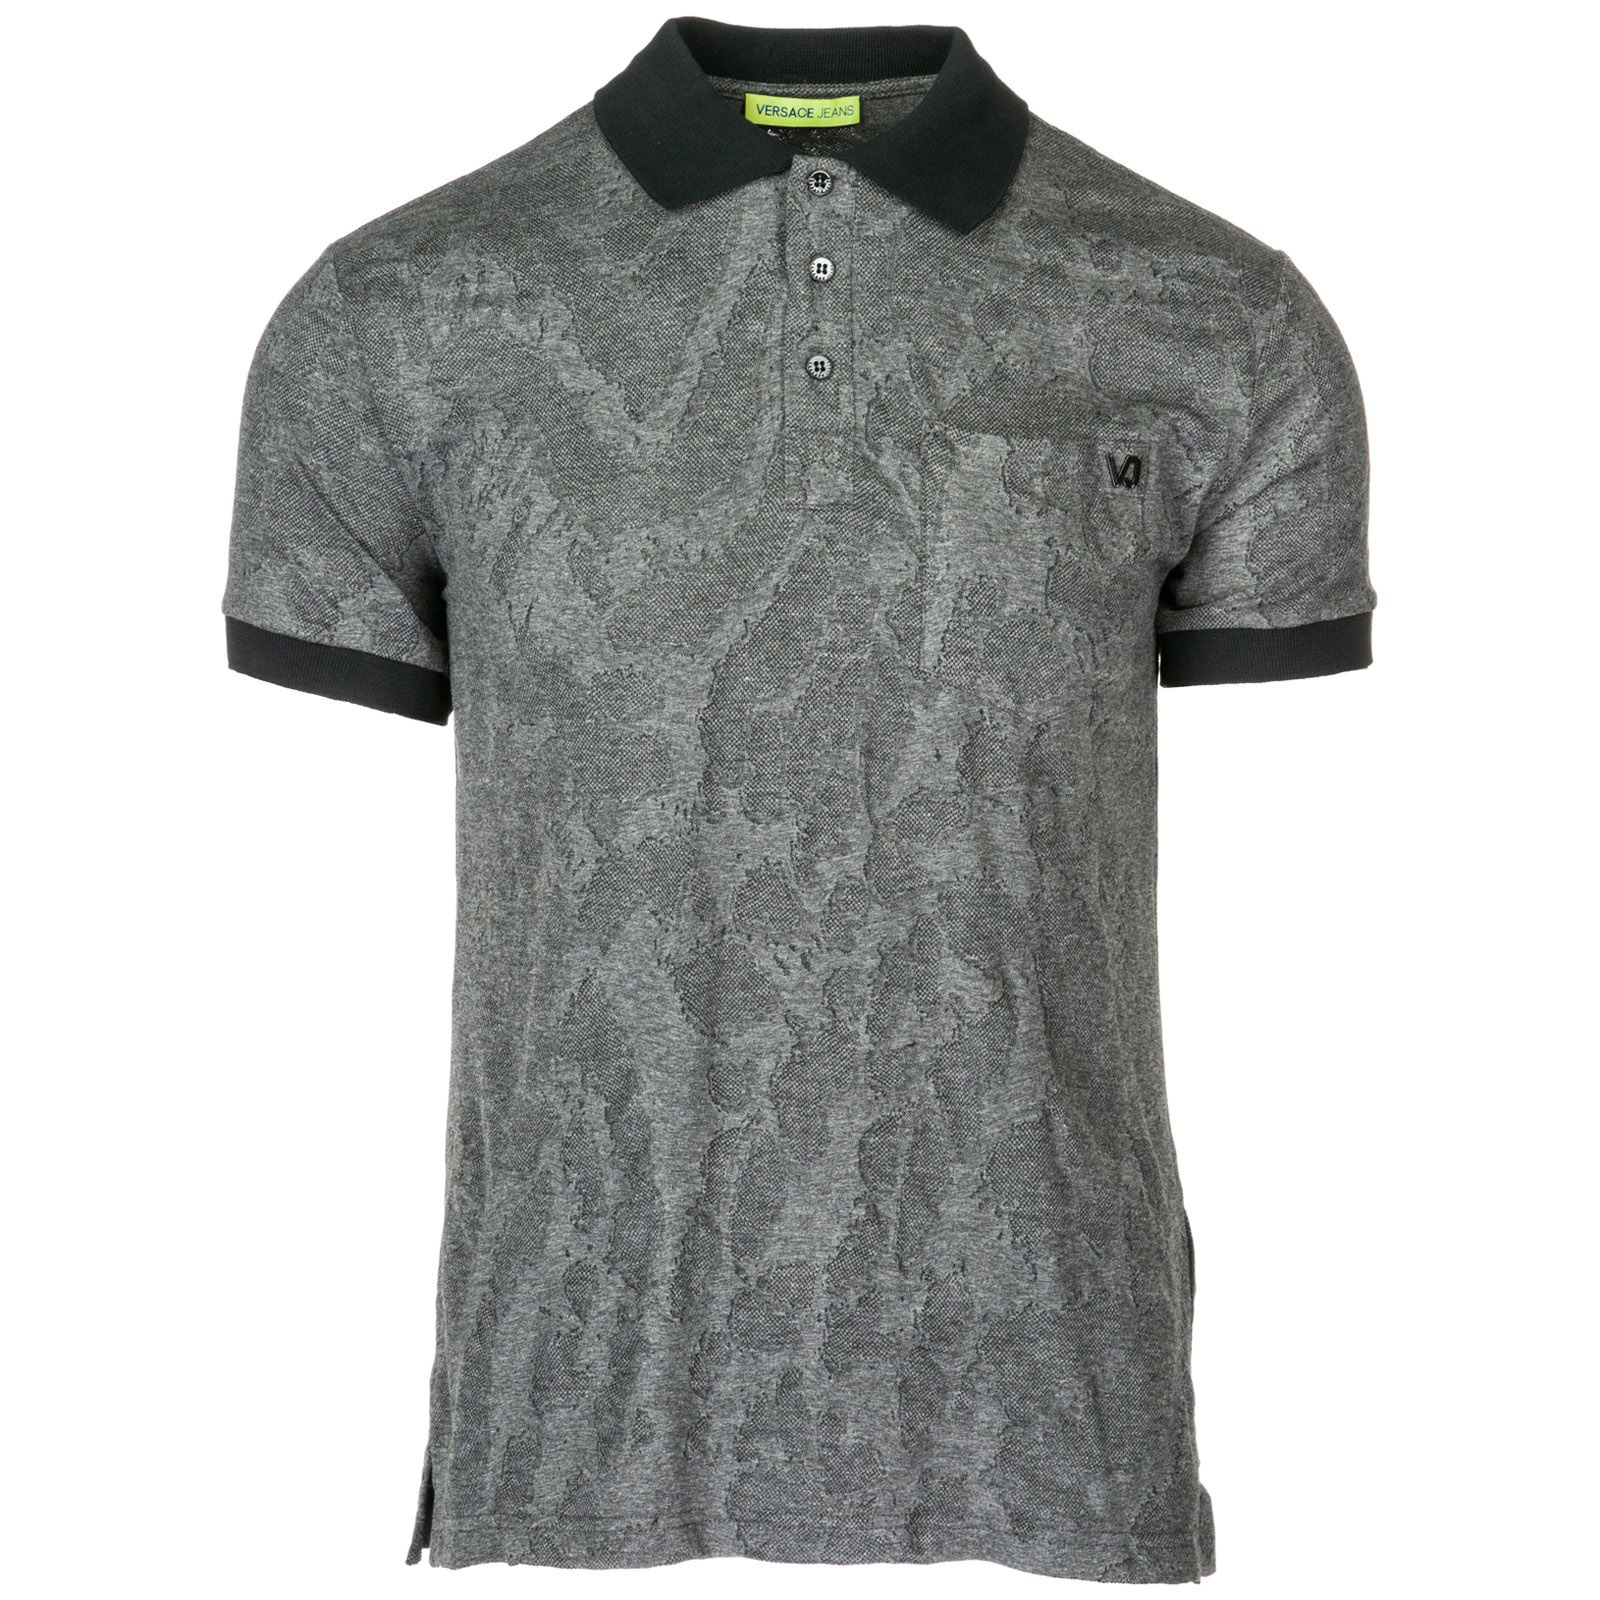 Camiseta de manga corta cuello de polo hombre ... 5bab1202080